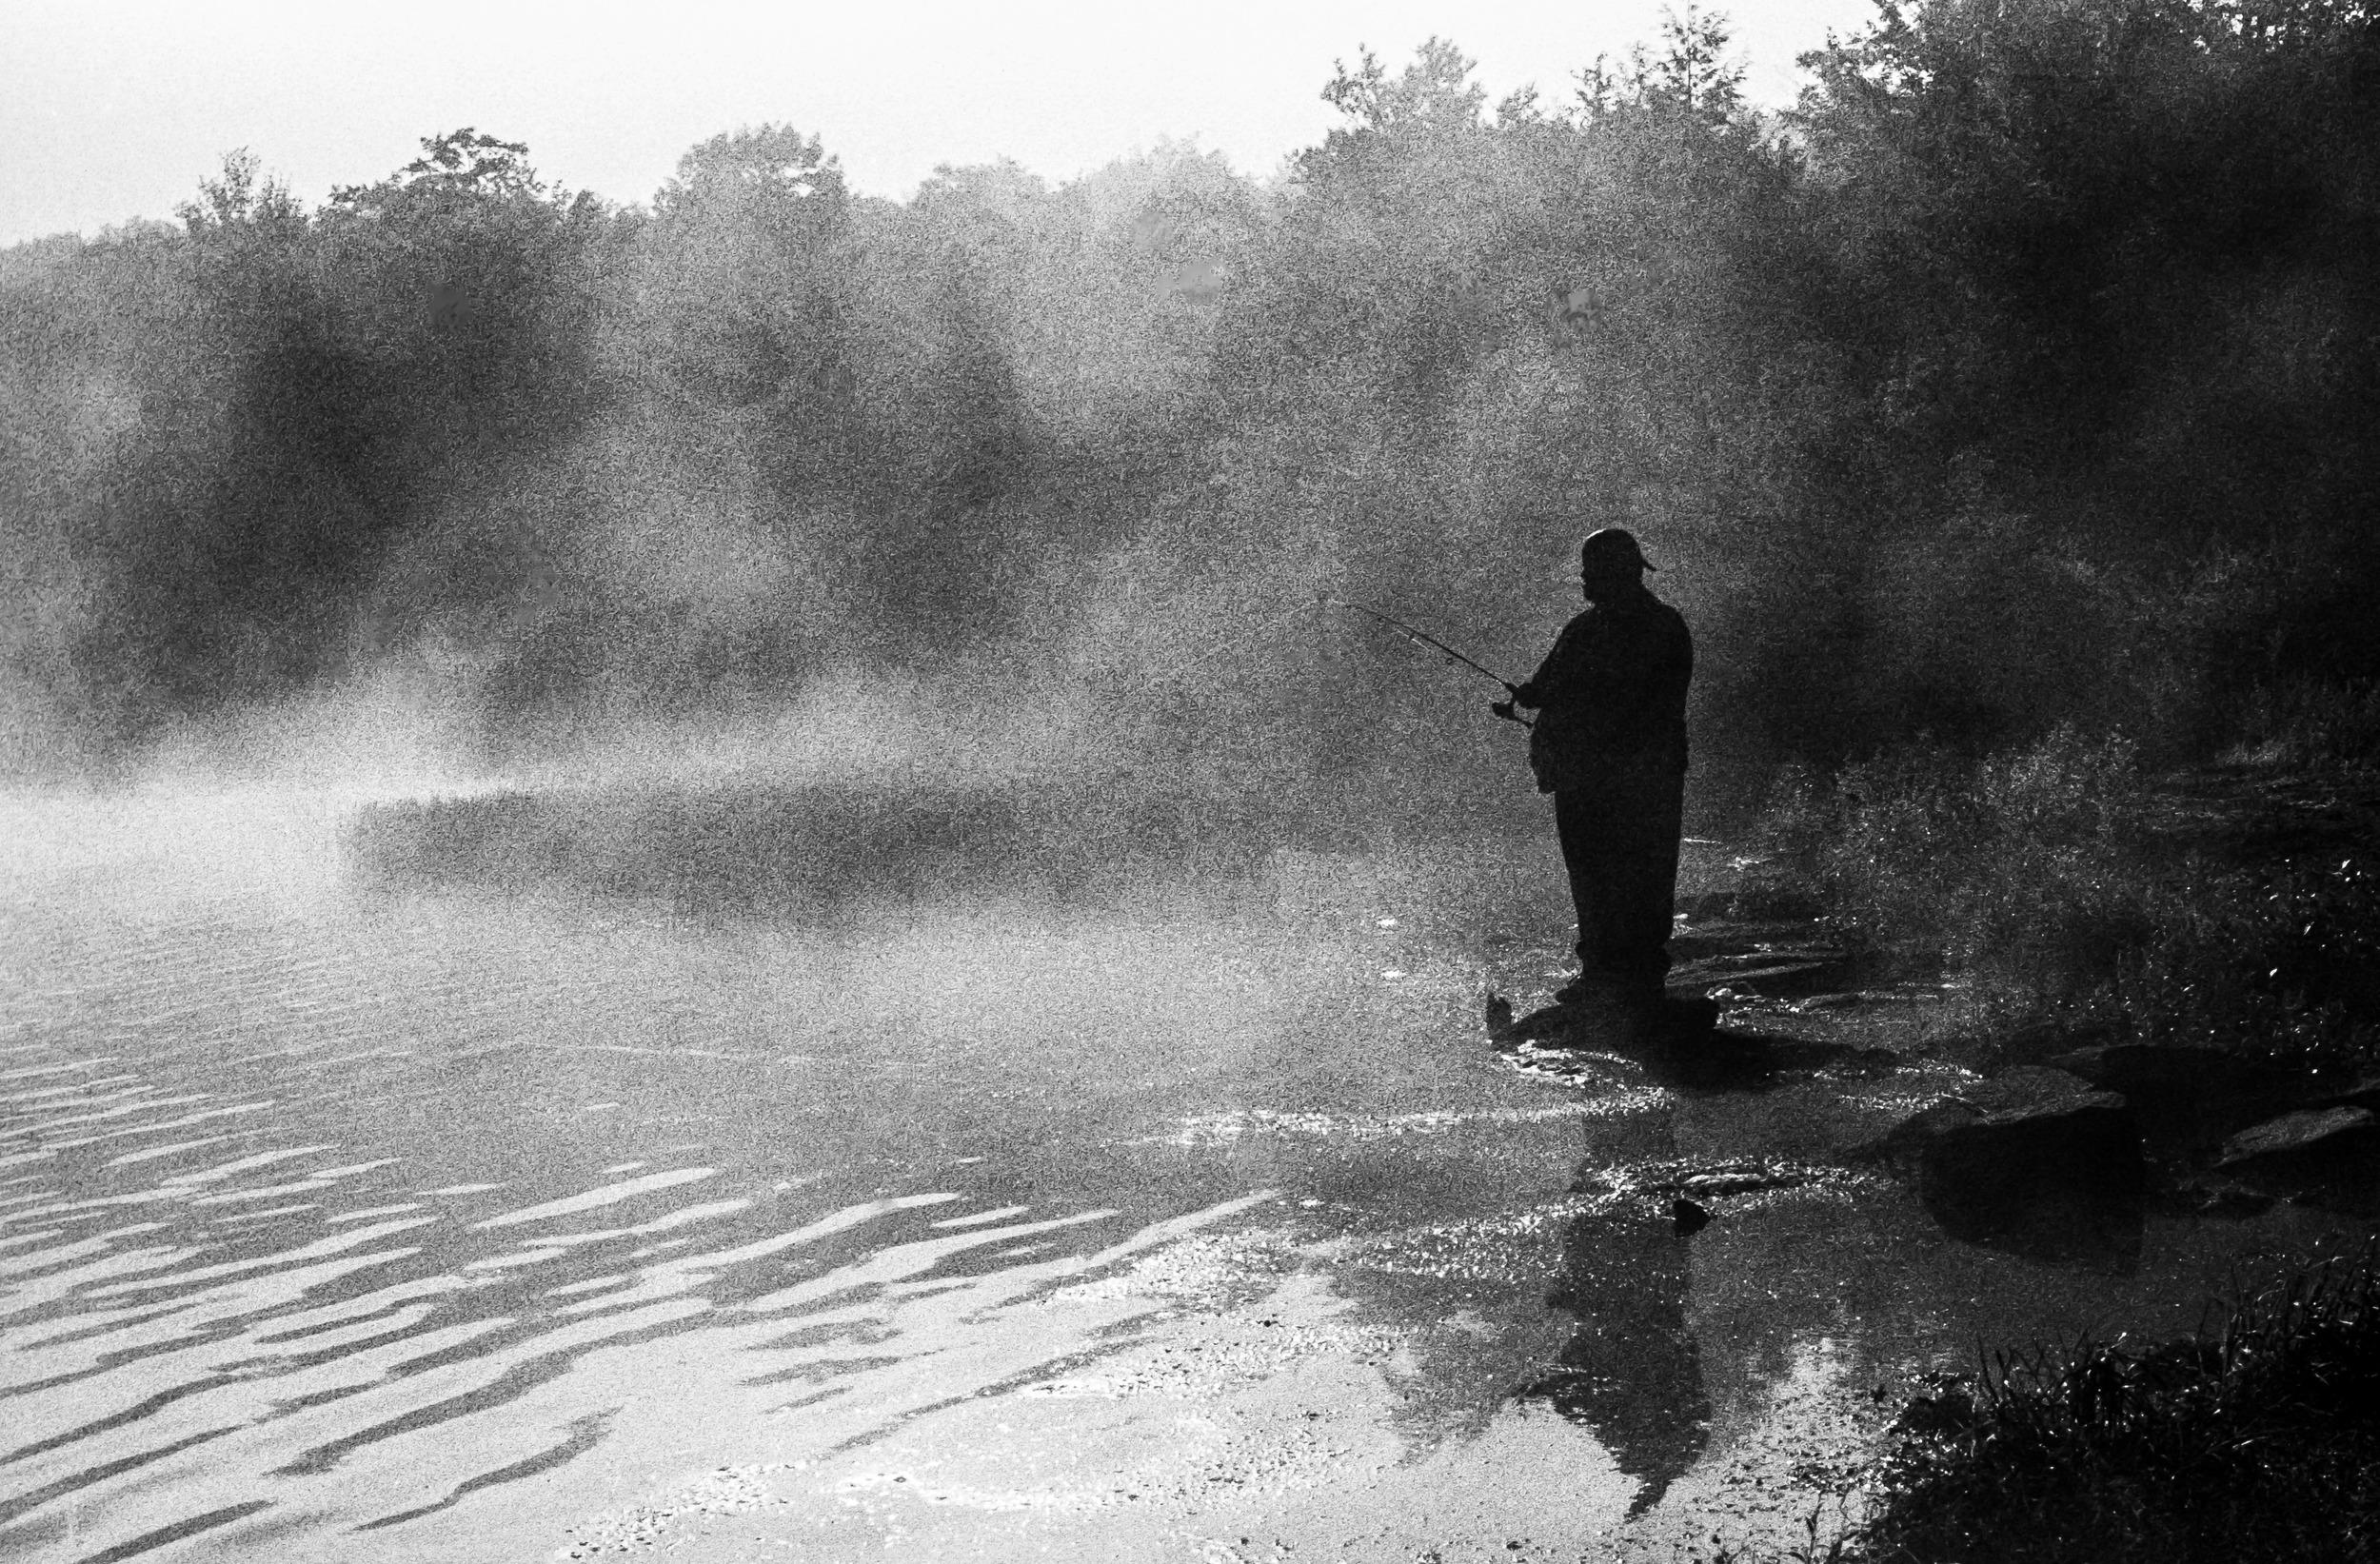 Fern_Fishing_Waneta_Lake.jpg